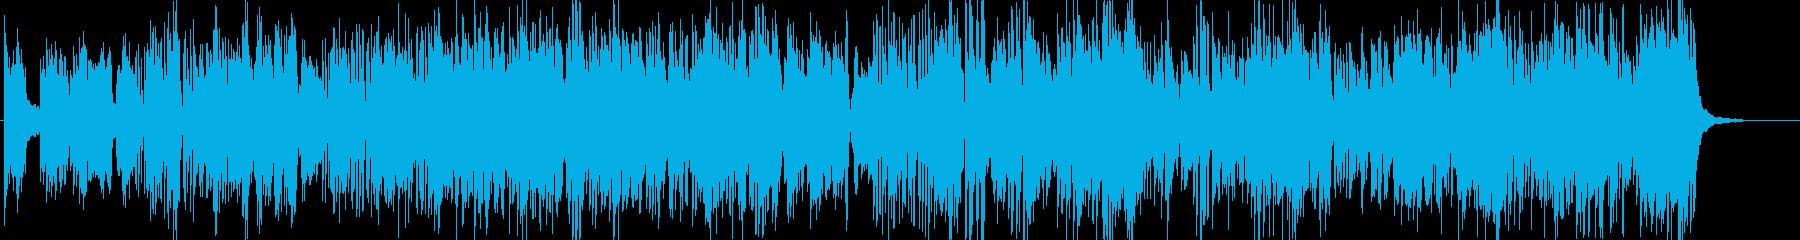 シネマティック バックグラウンド ...の再生済みの波形